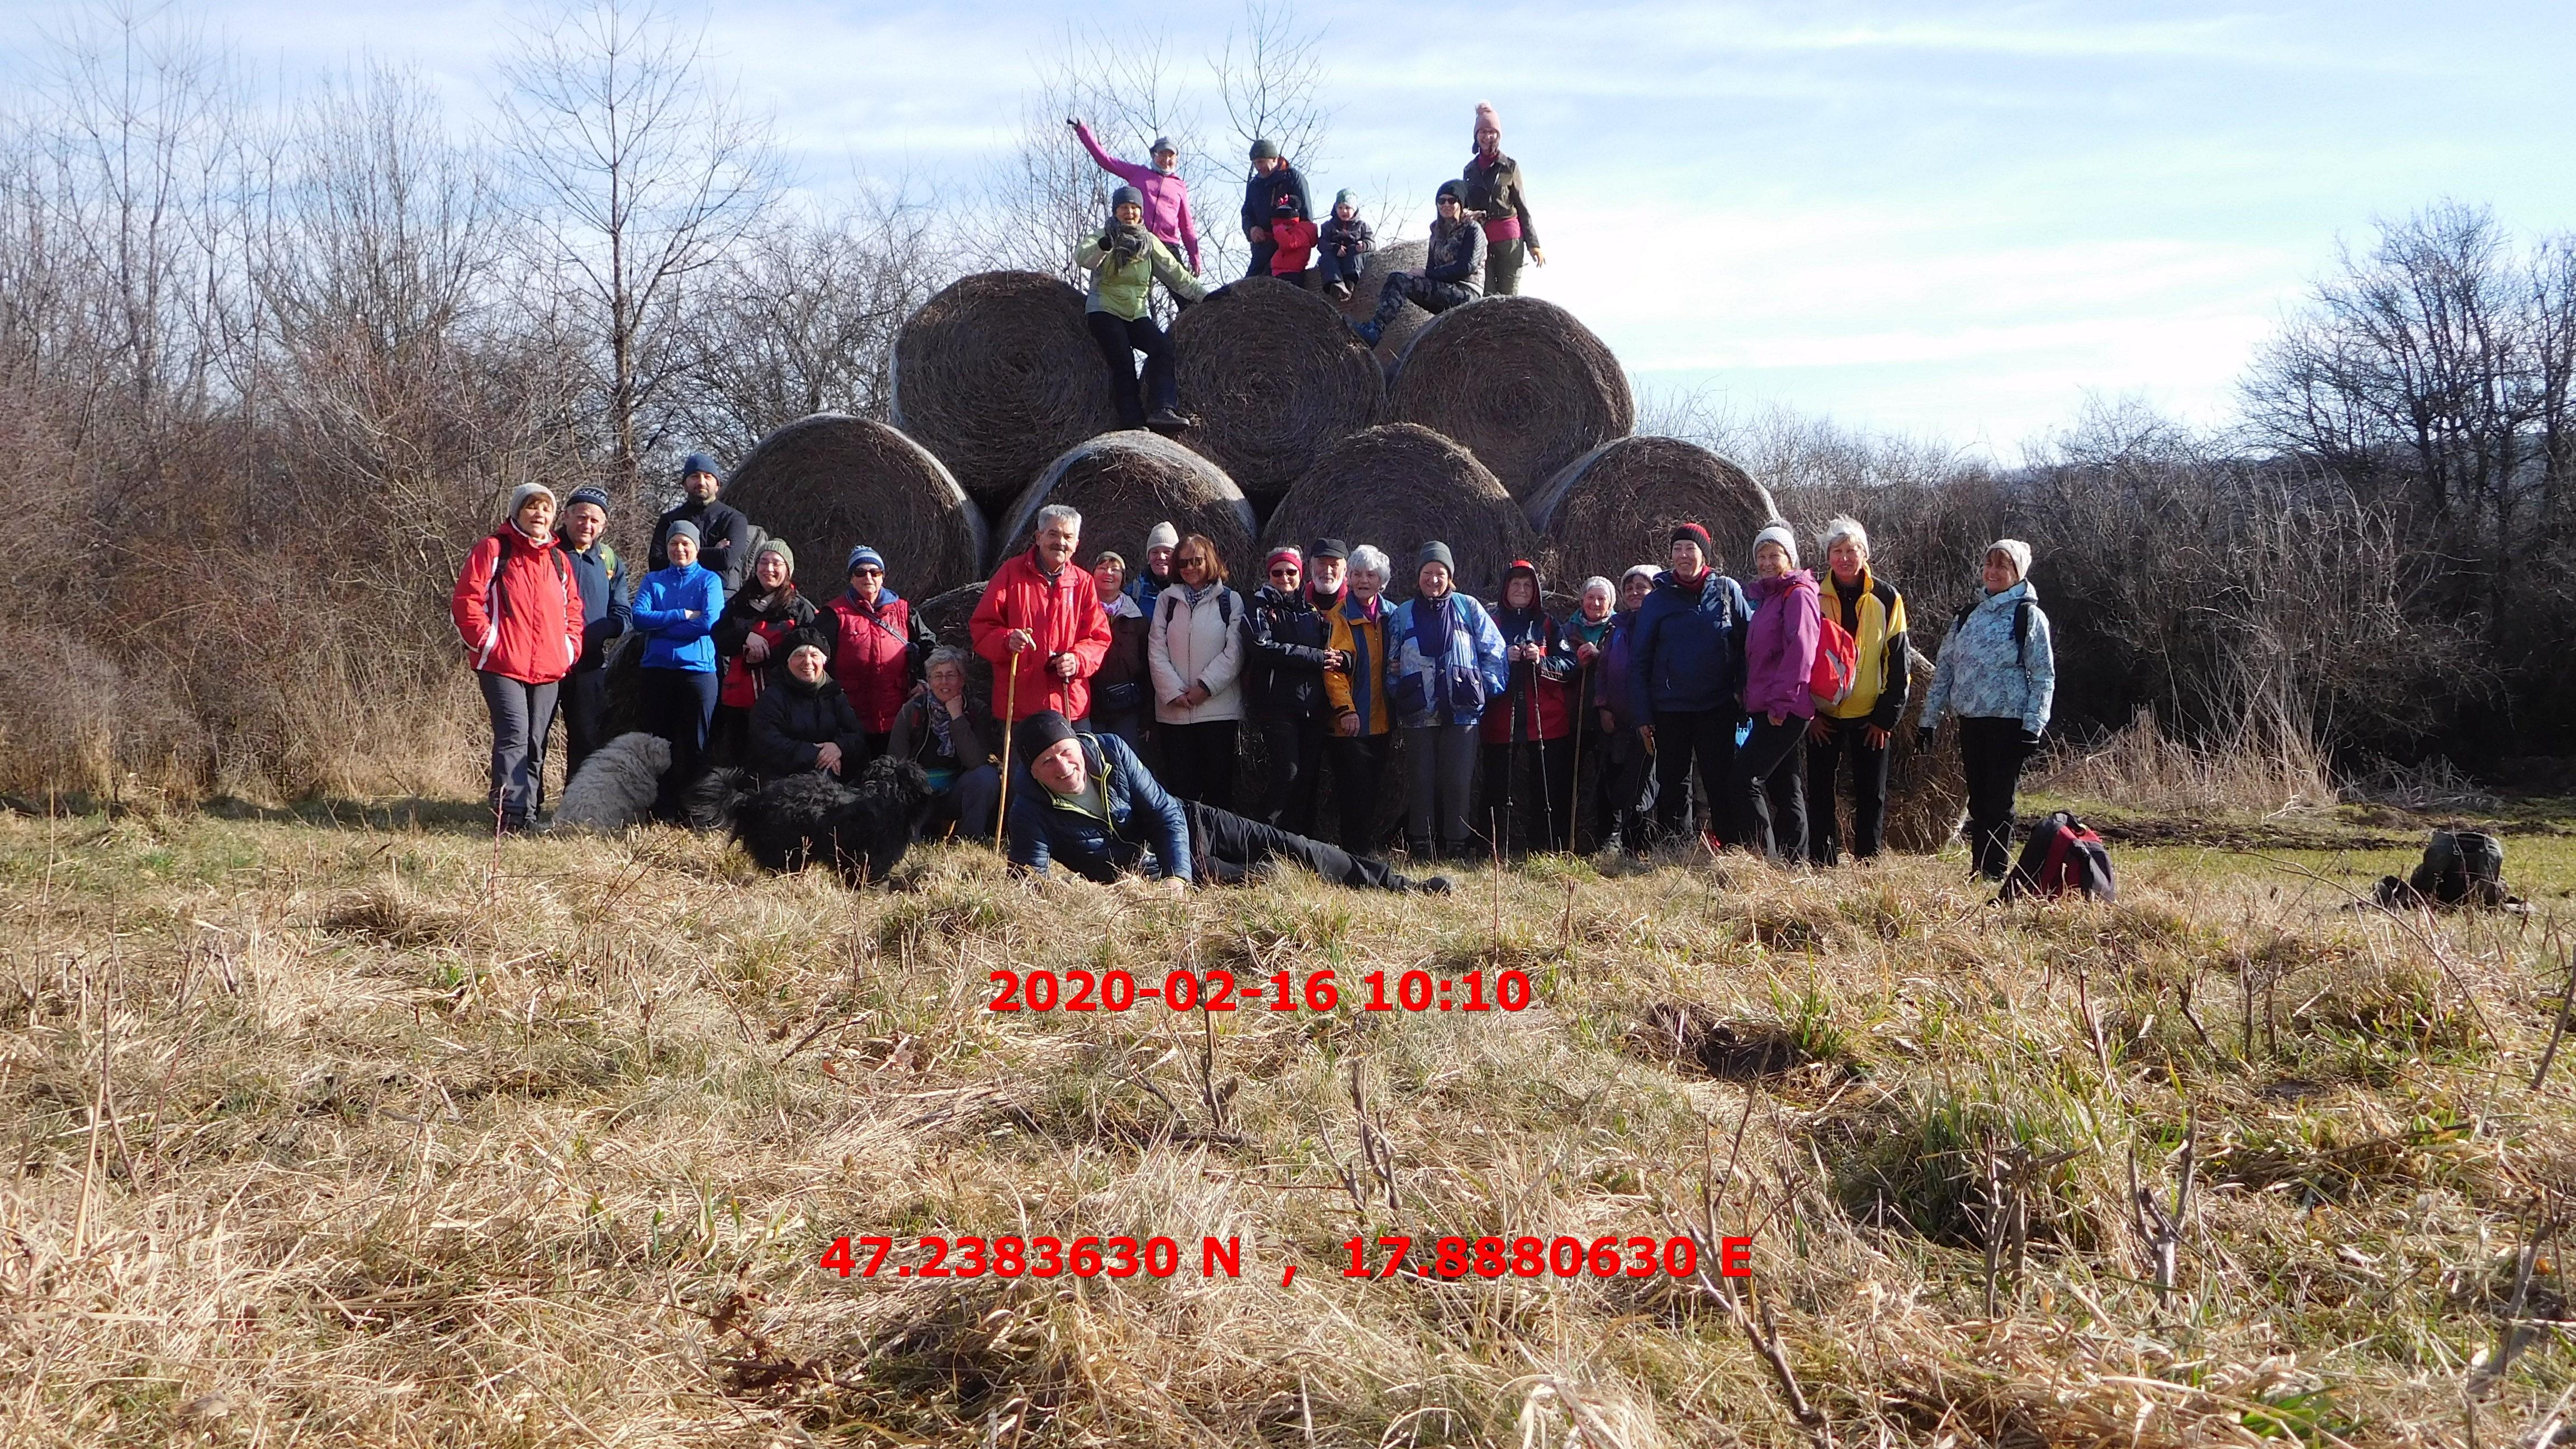 Bakony Természetbarát Egyesület (Veszprém) csoportképe